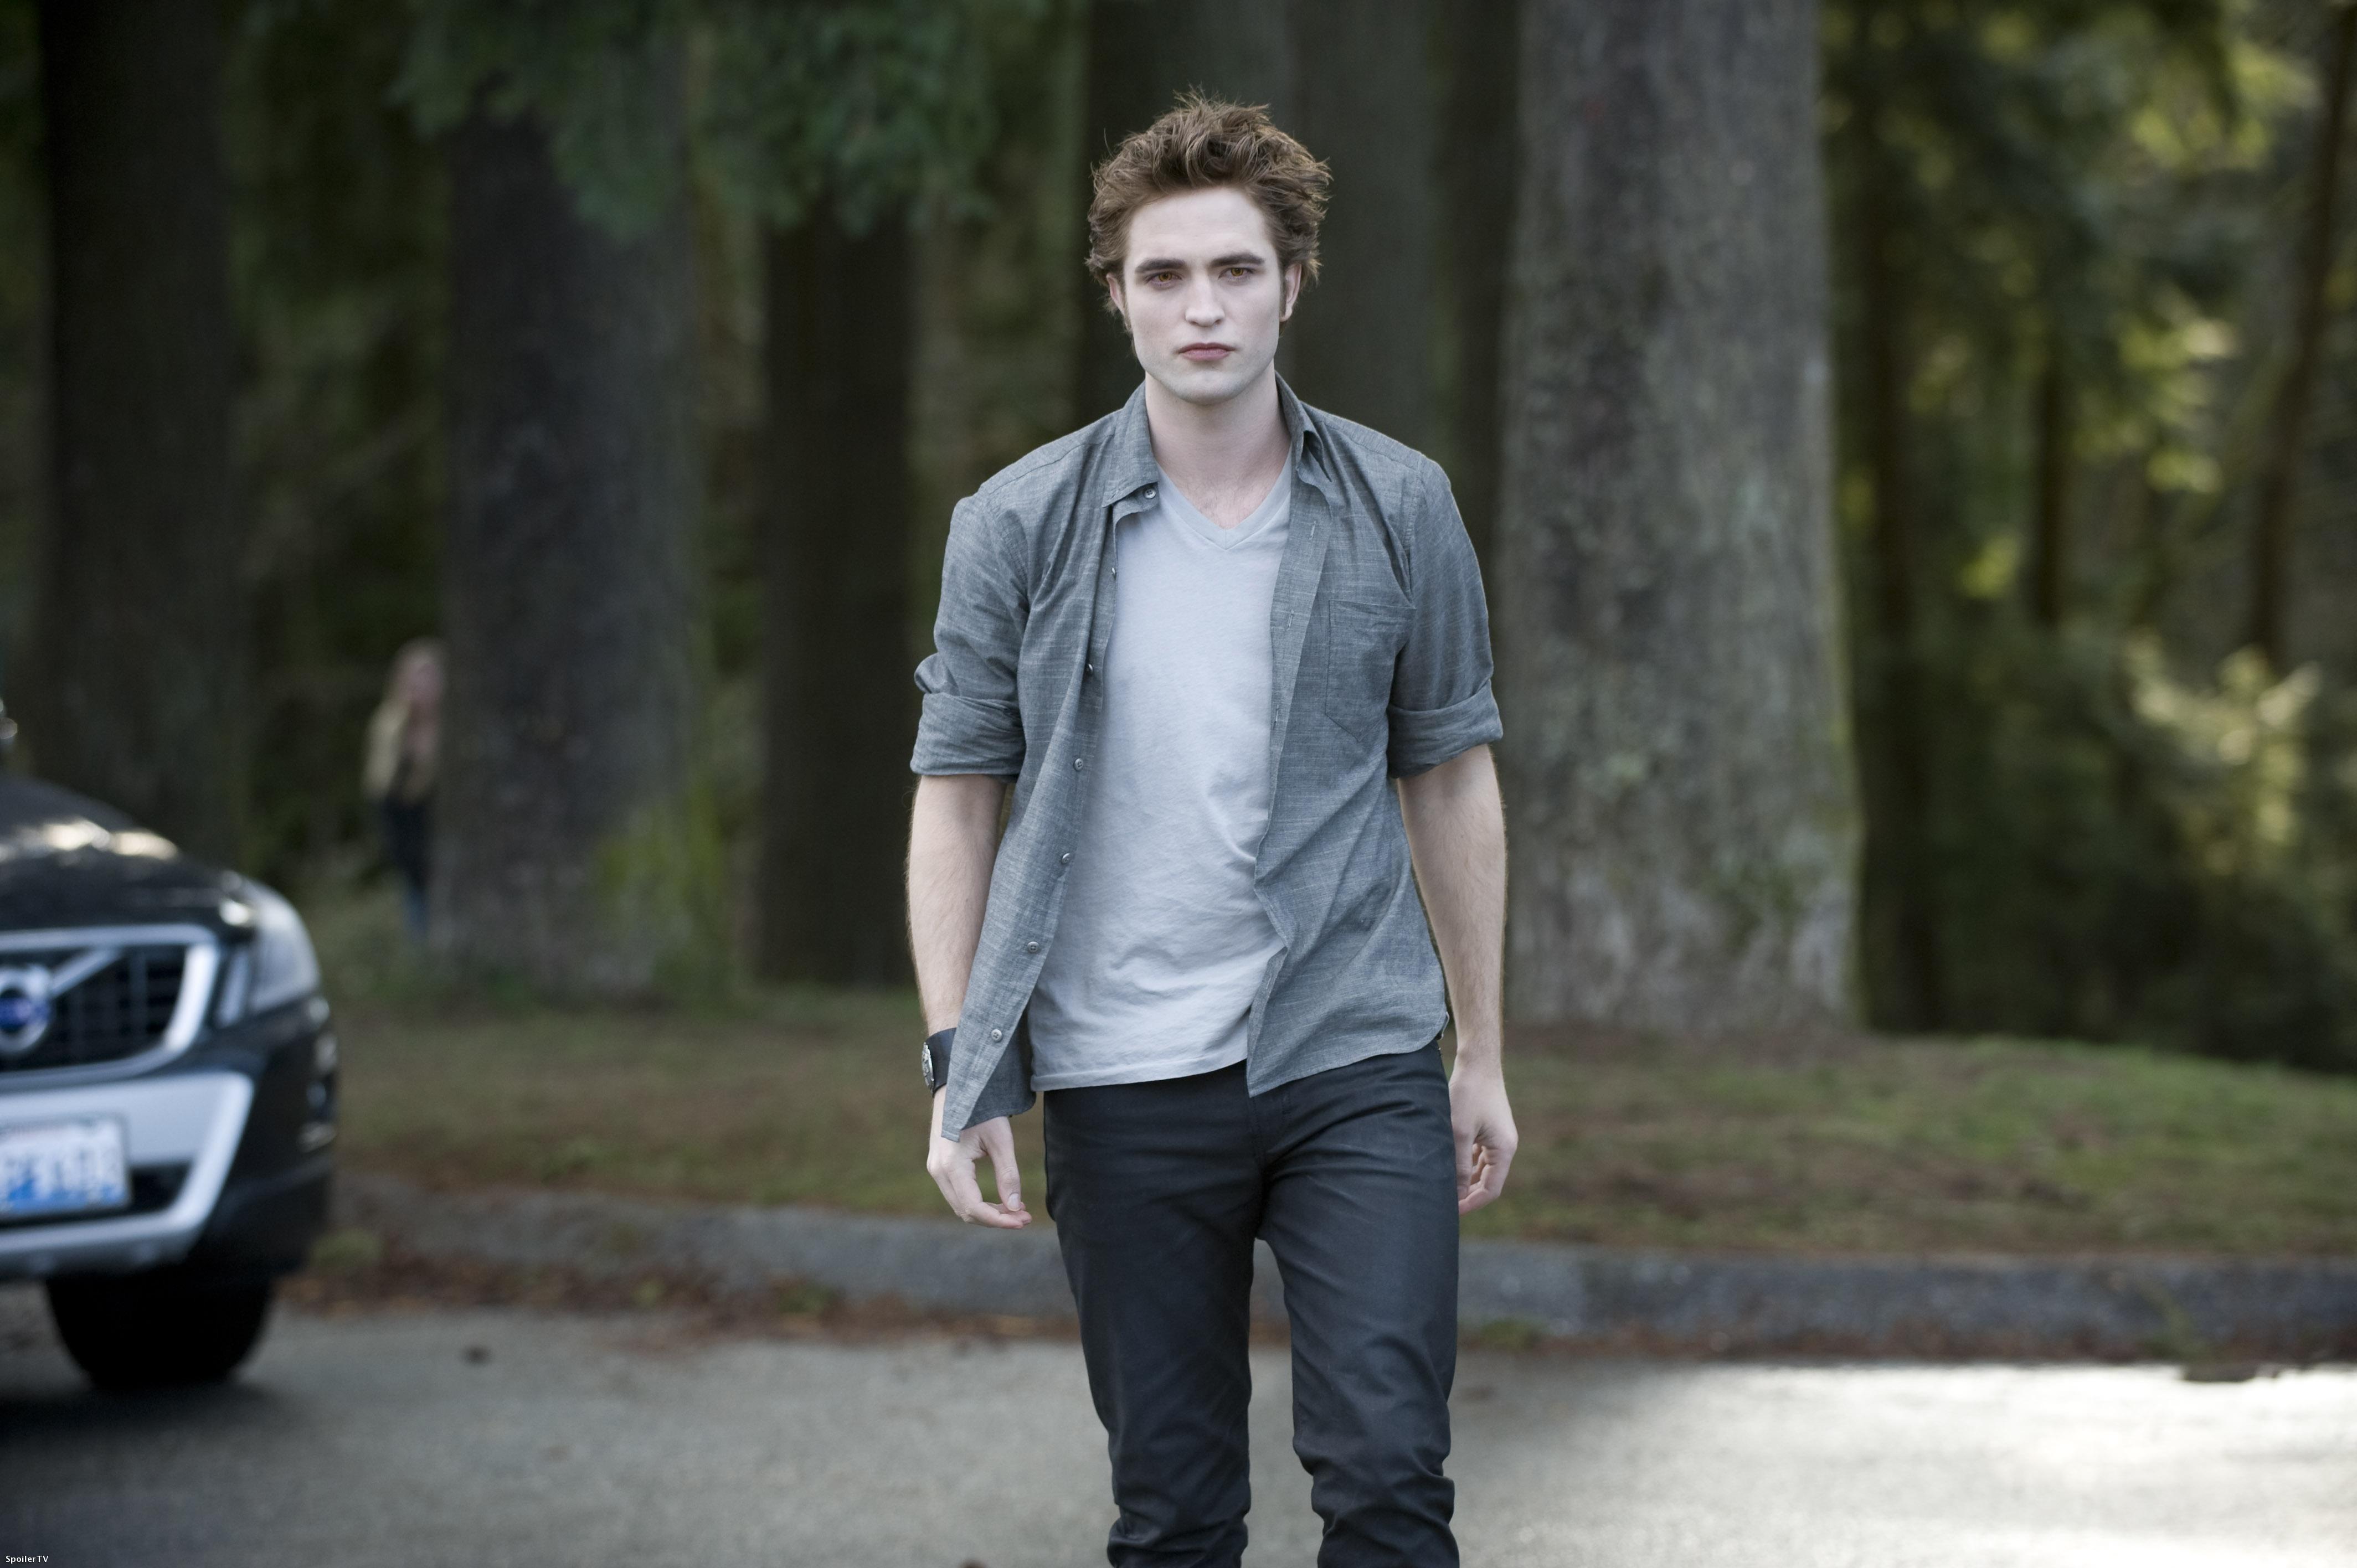 Robert Patterson Twilight Edward Cullen